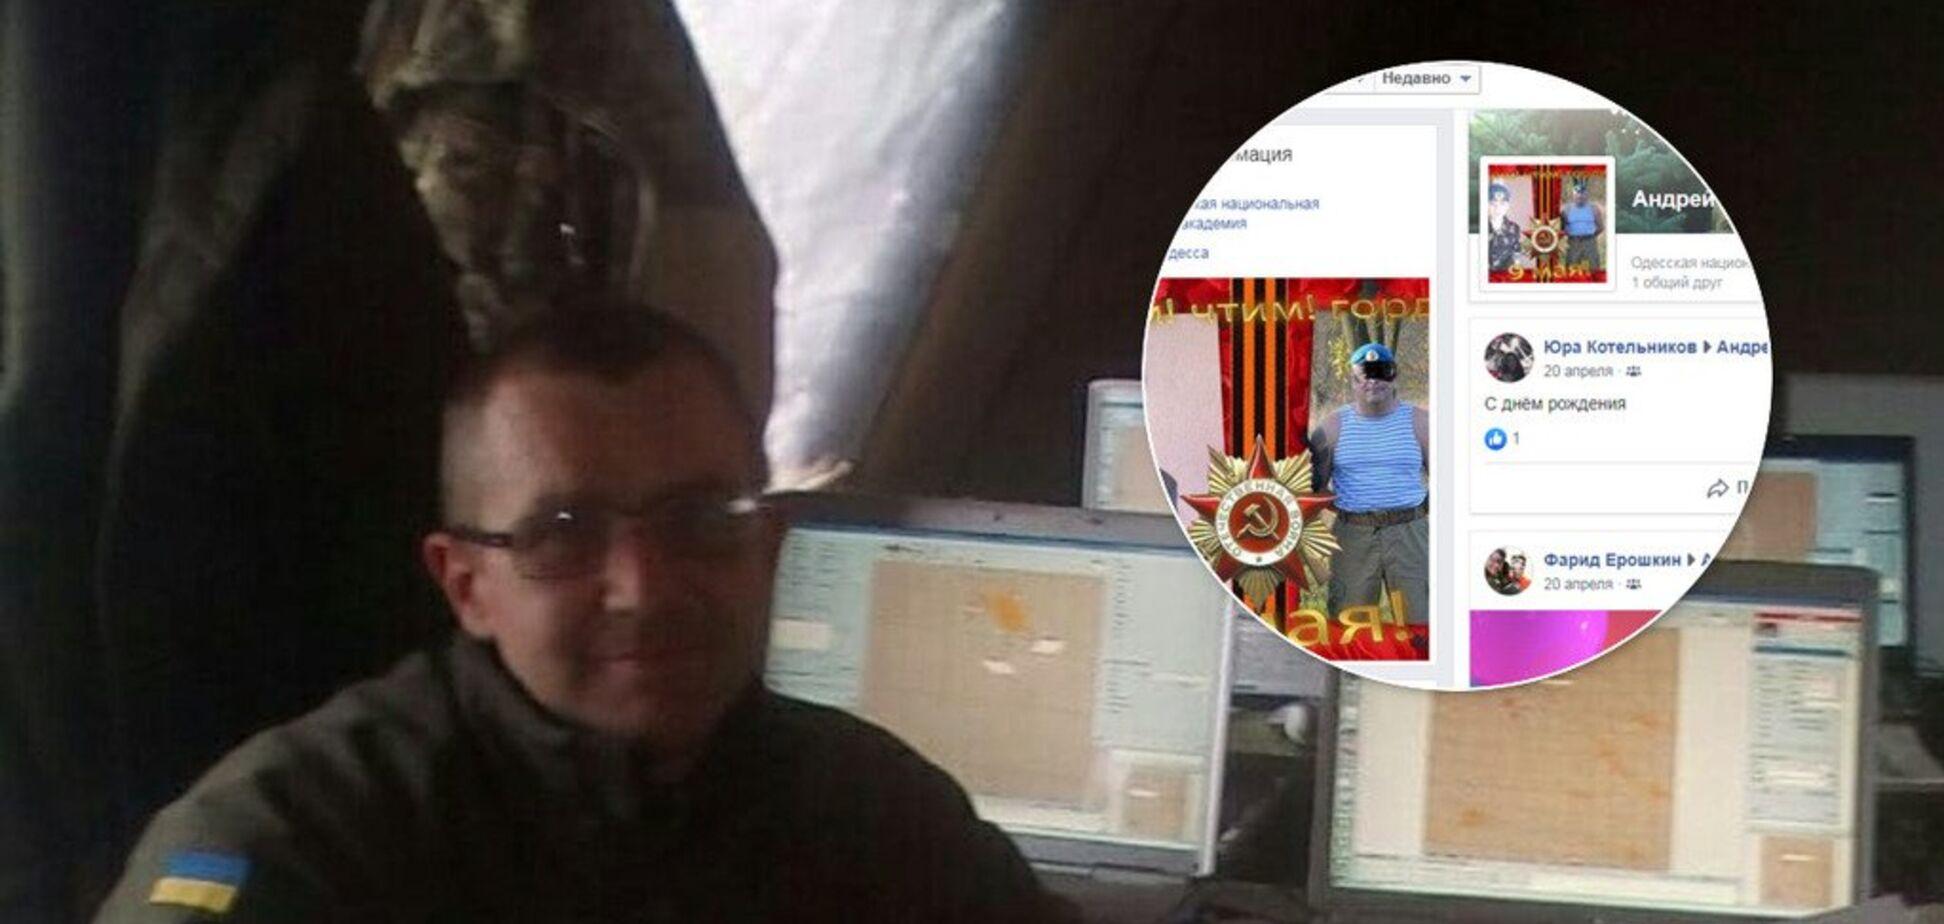 'Бил очень жестоко': обвиняемого в убийстве бойца ВСУ командира отпустили на свободу